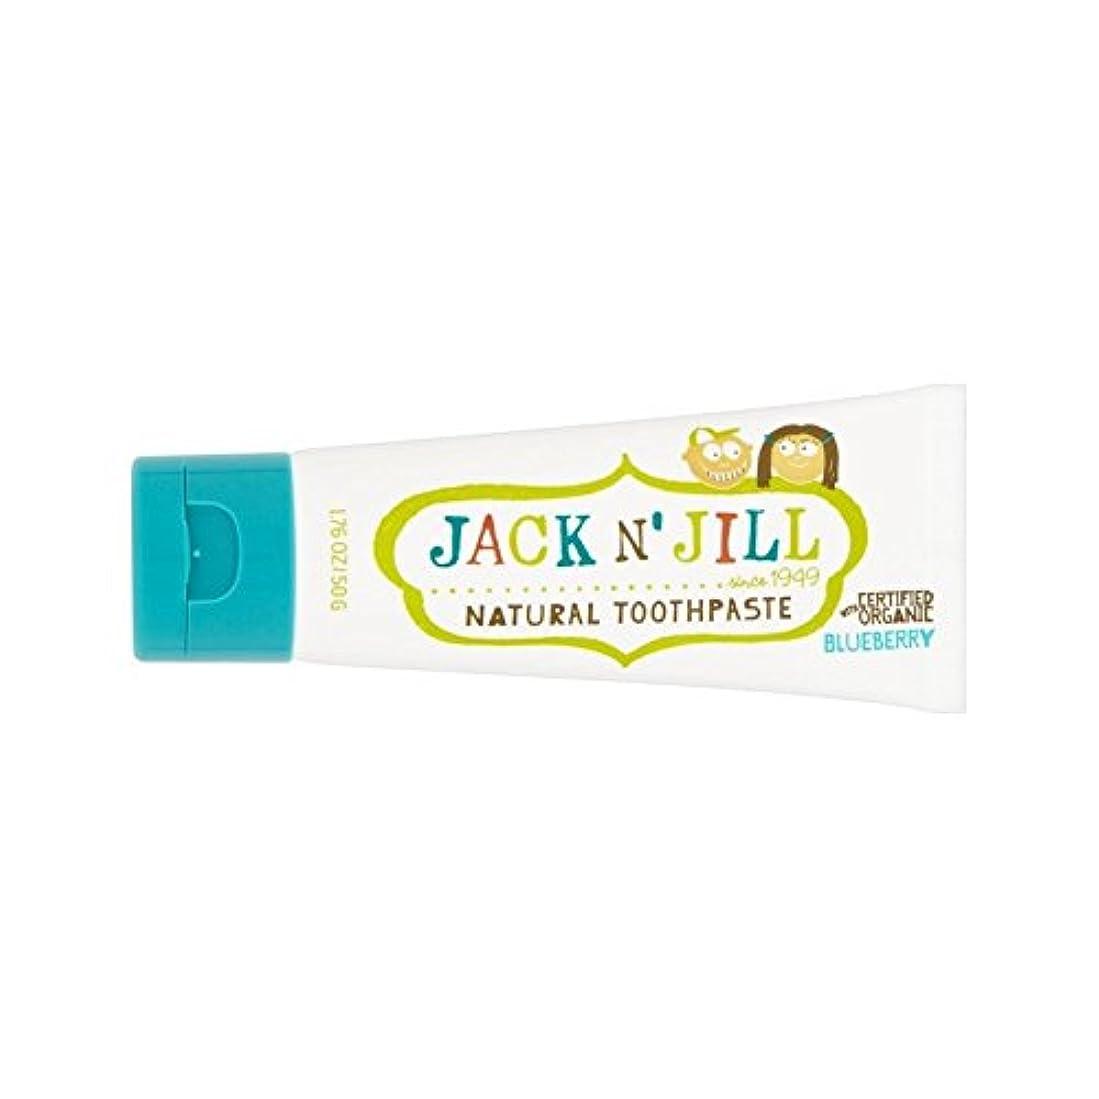 ハーネス実験室統治する有機香味50グラムとの自然なブルーベリー歯磨き粉 (Jack N Jill) (x 2) - Jack N' Jill Blueberry Toothpaste Natural with Organic Flavouring...